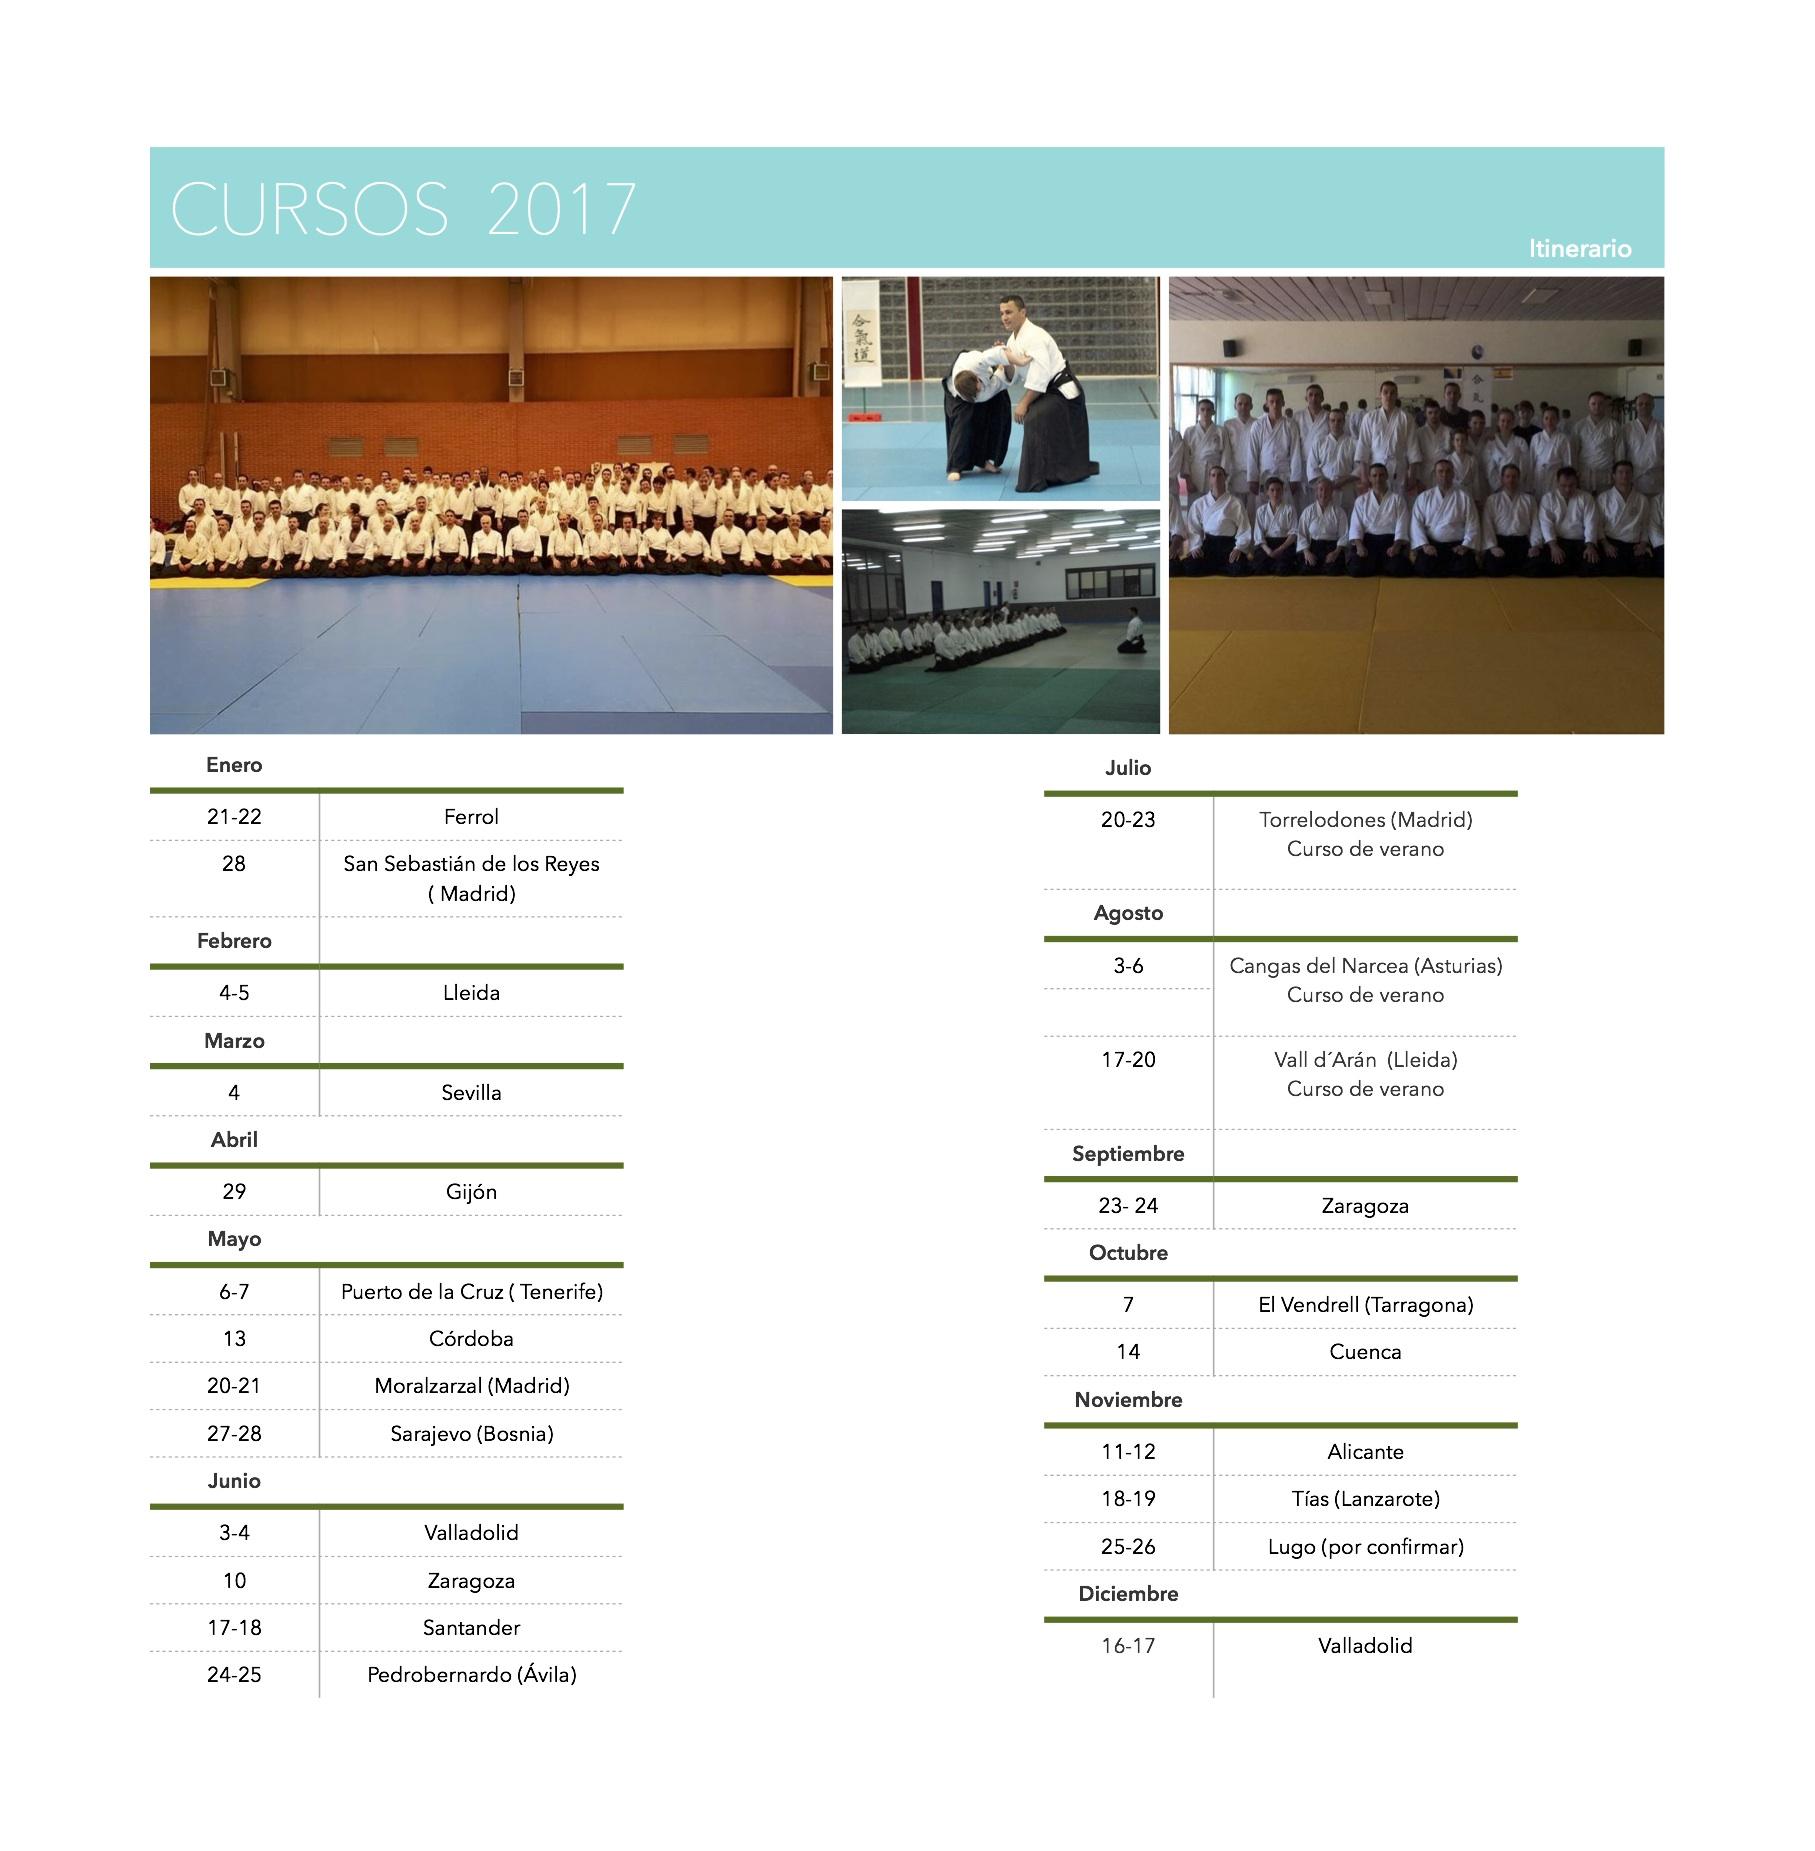 calendario-curso-2017